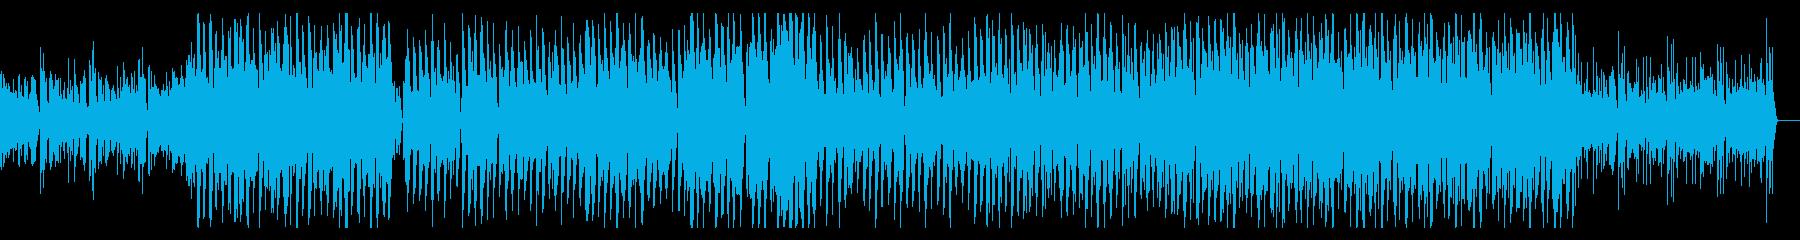 00年代初頭のJazztronikハウスの再生済みの波形